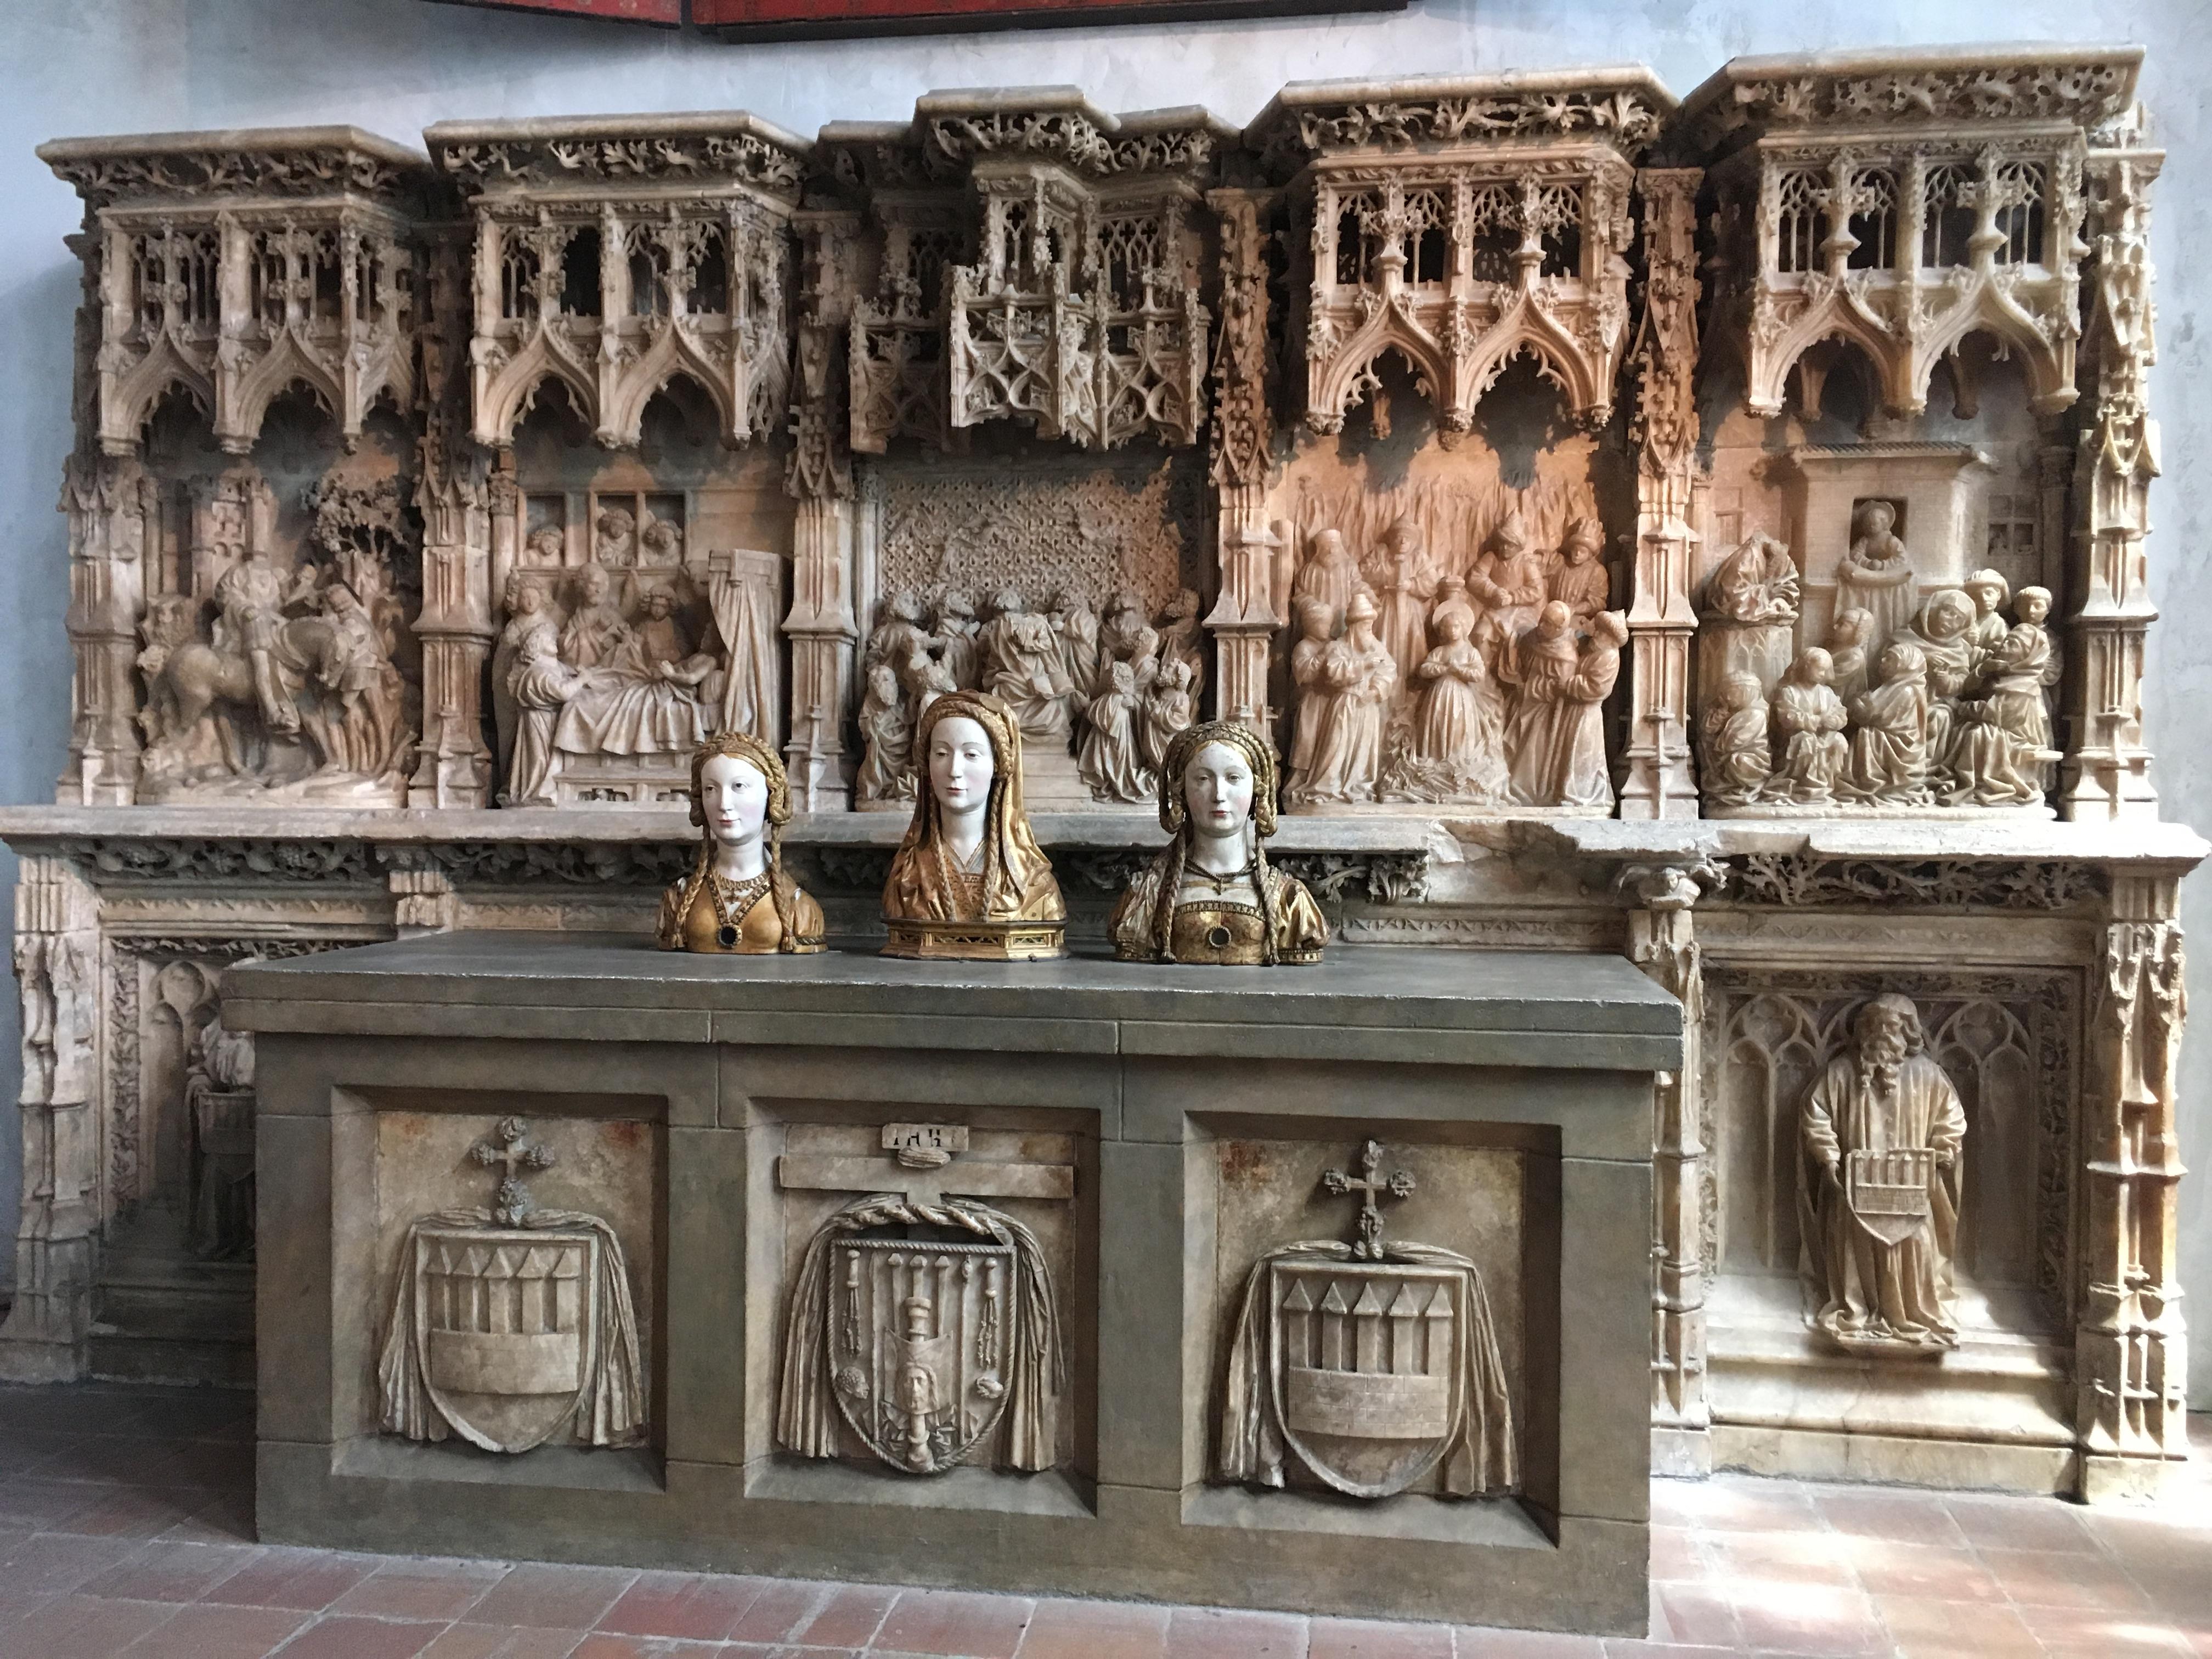 Cloisters altar and saints